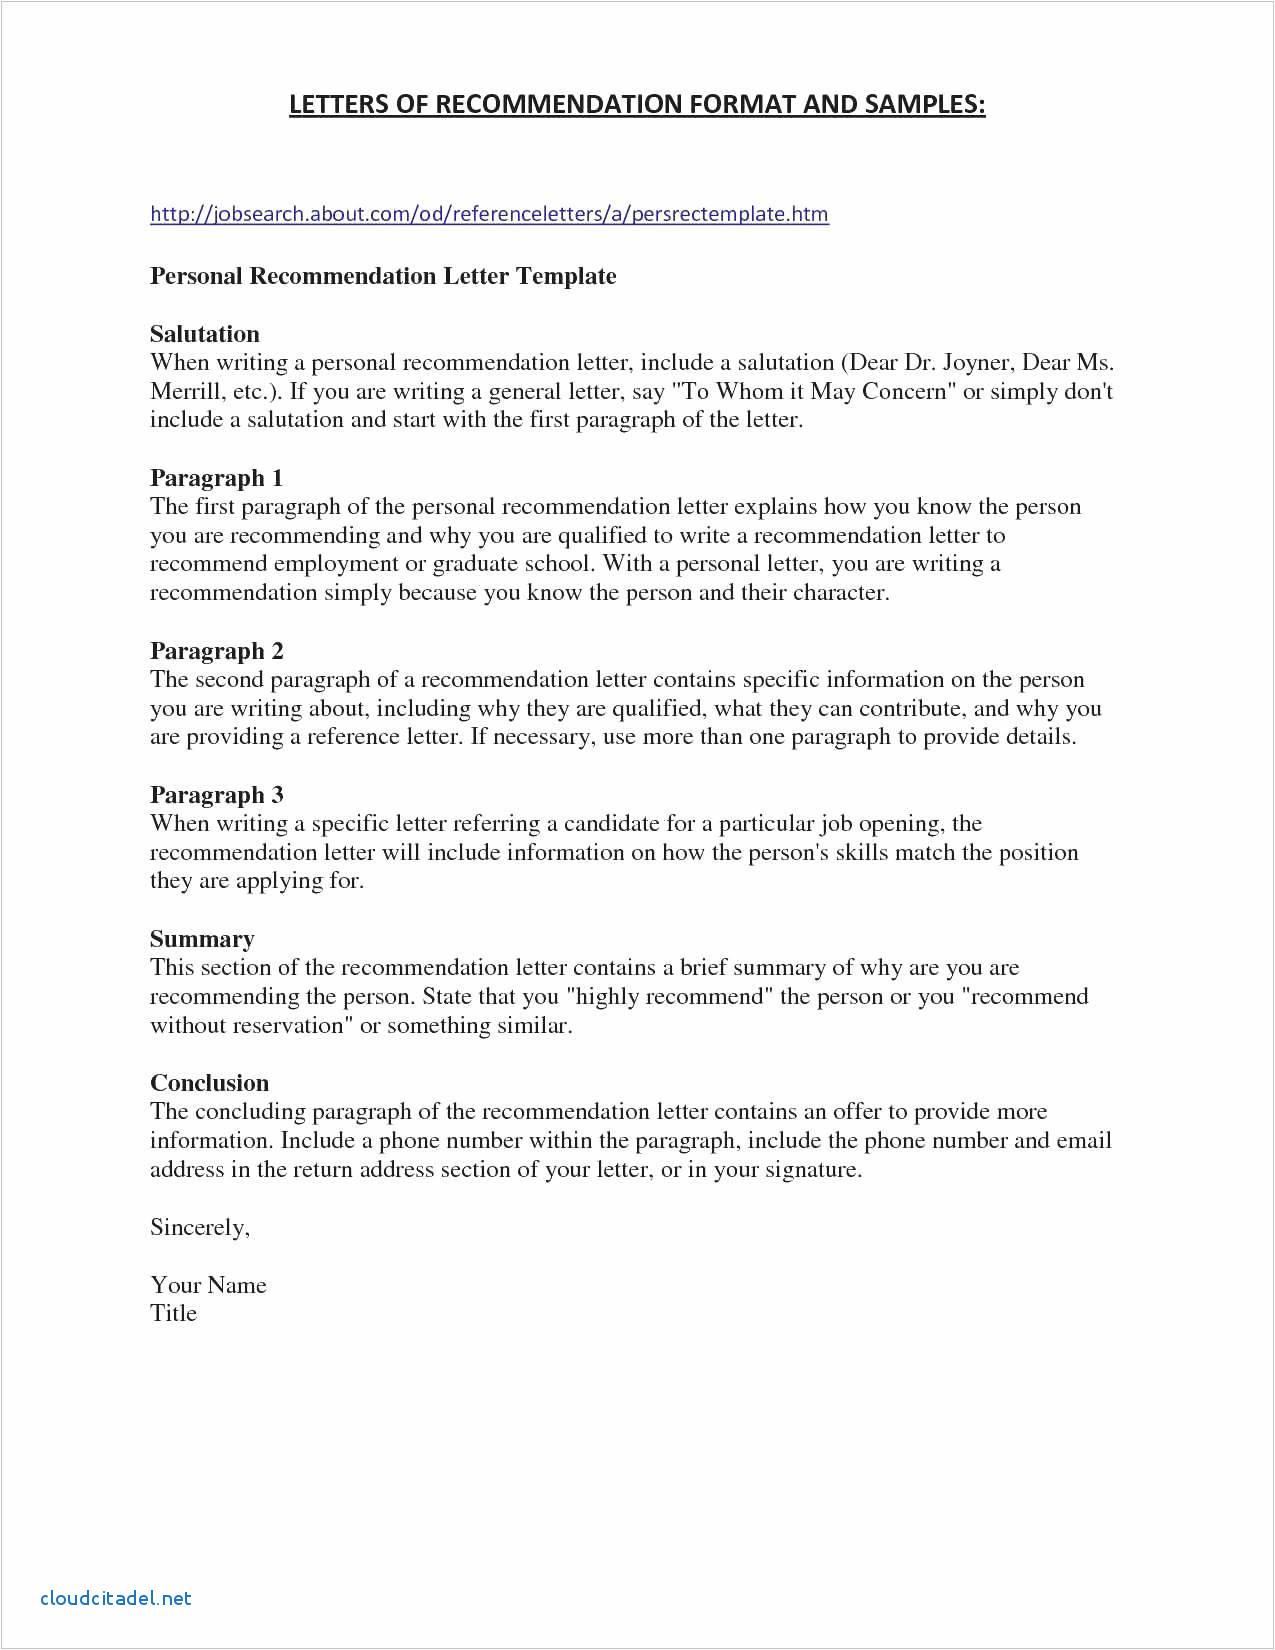 application letter sample format for ojt ppt